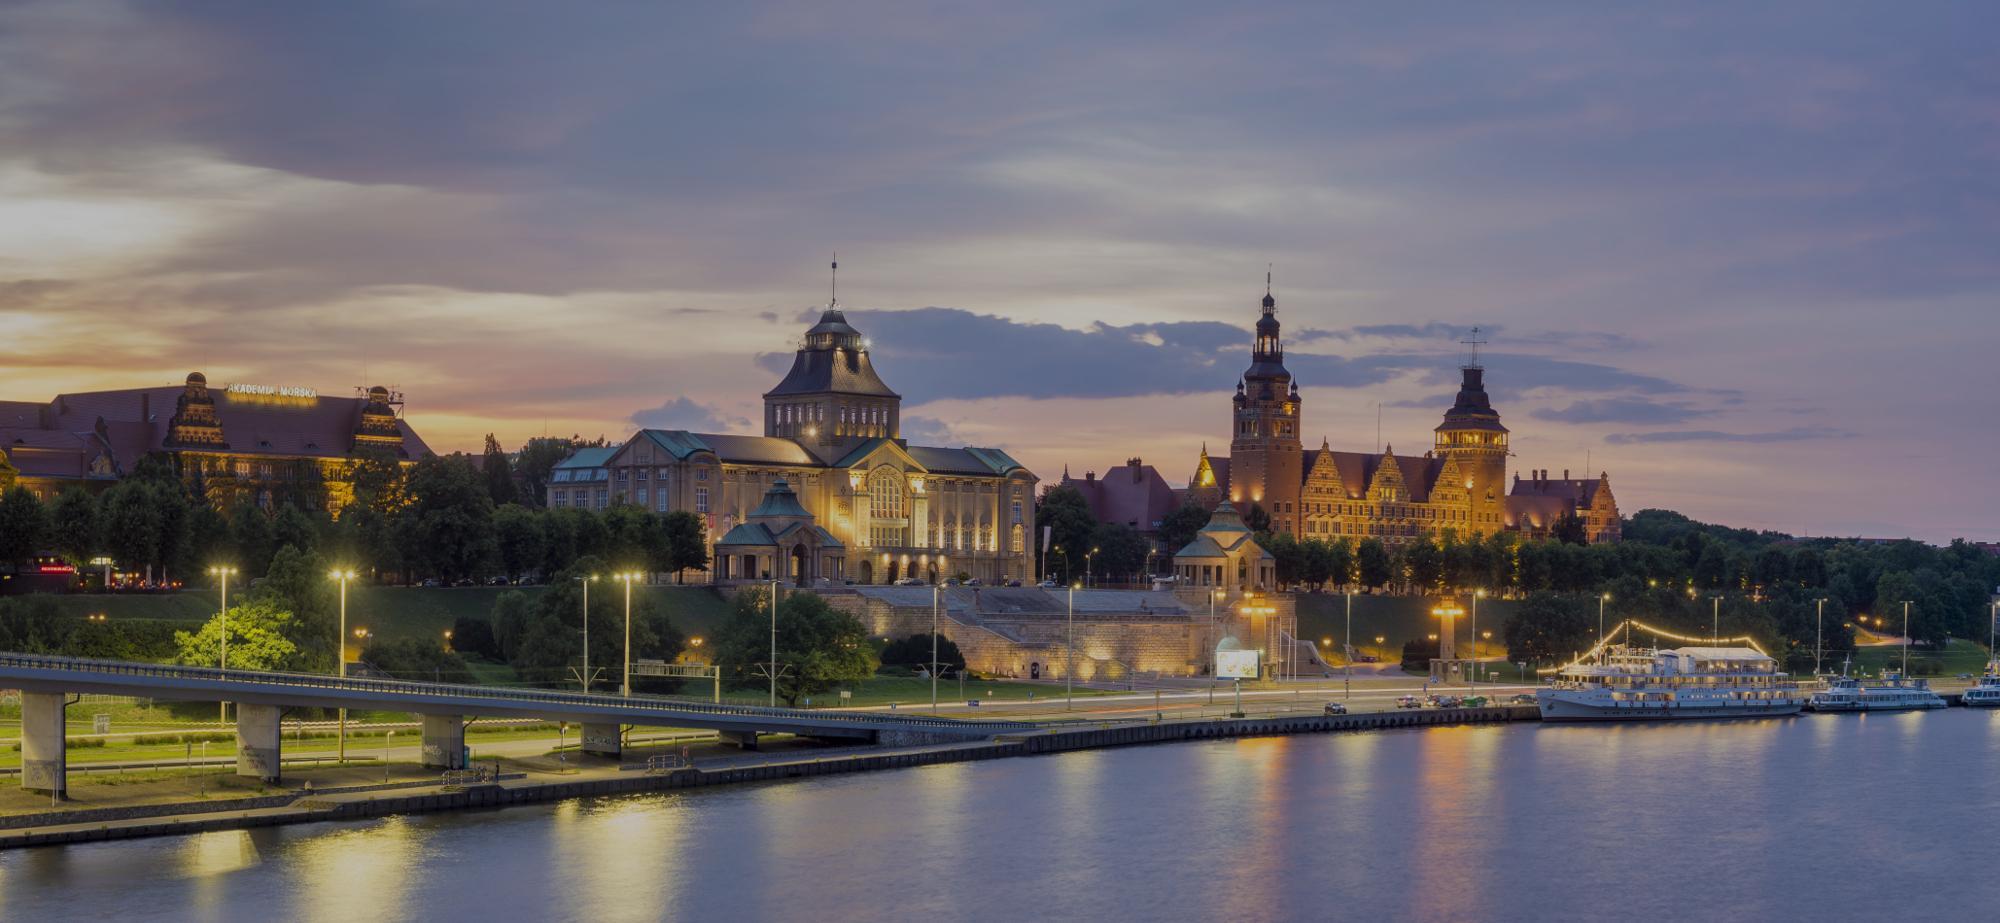 Praca w Szczecinie